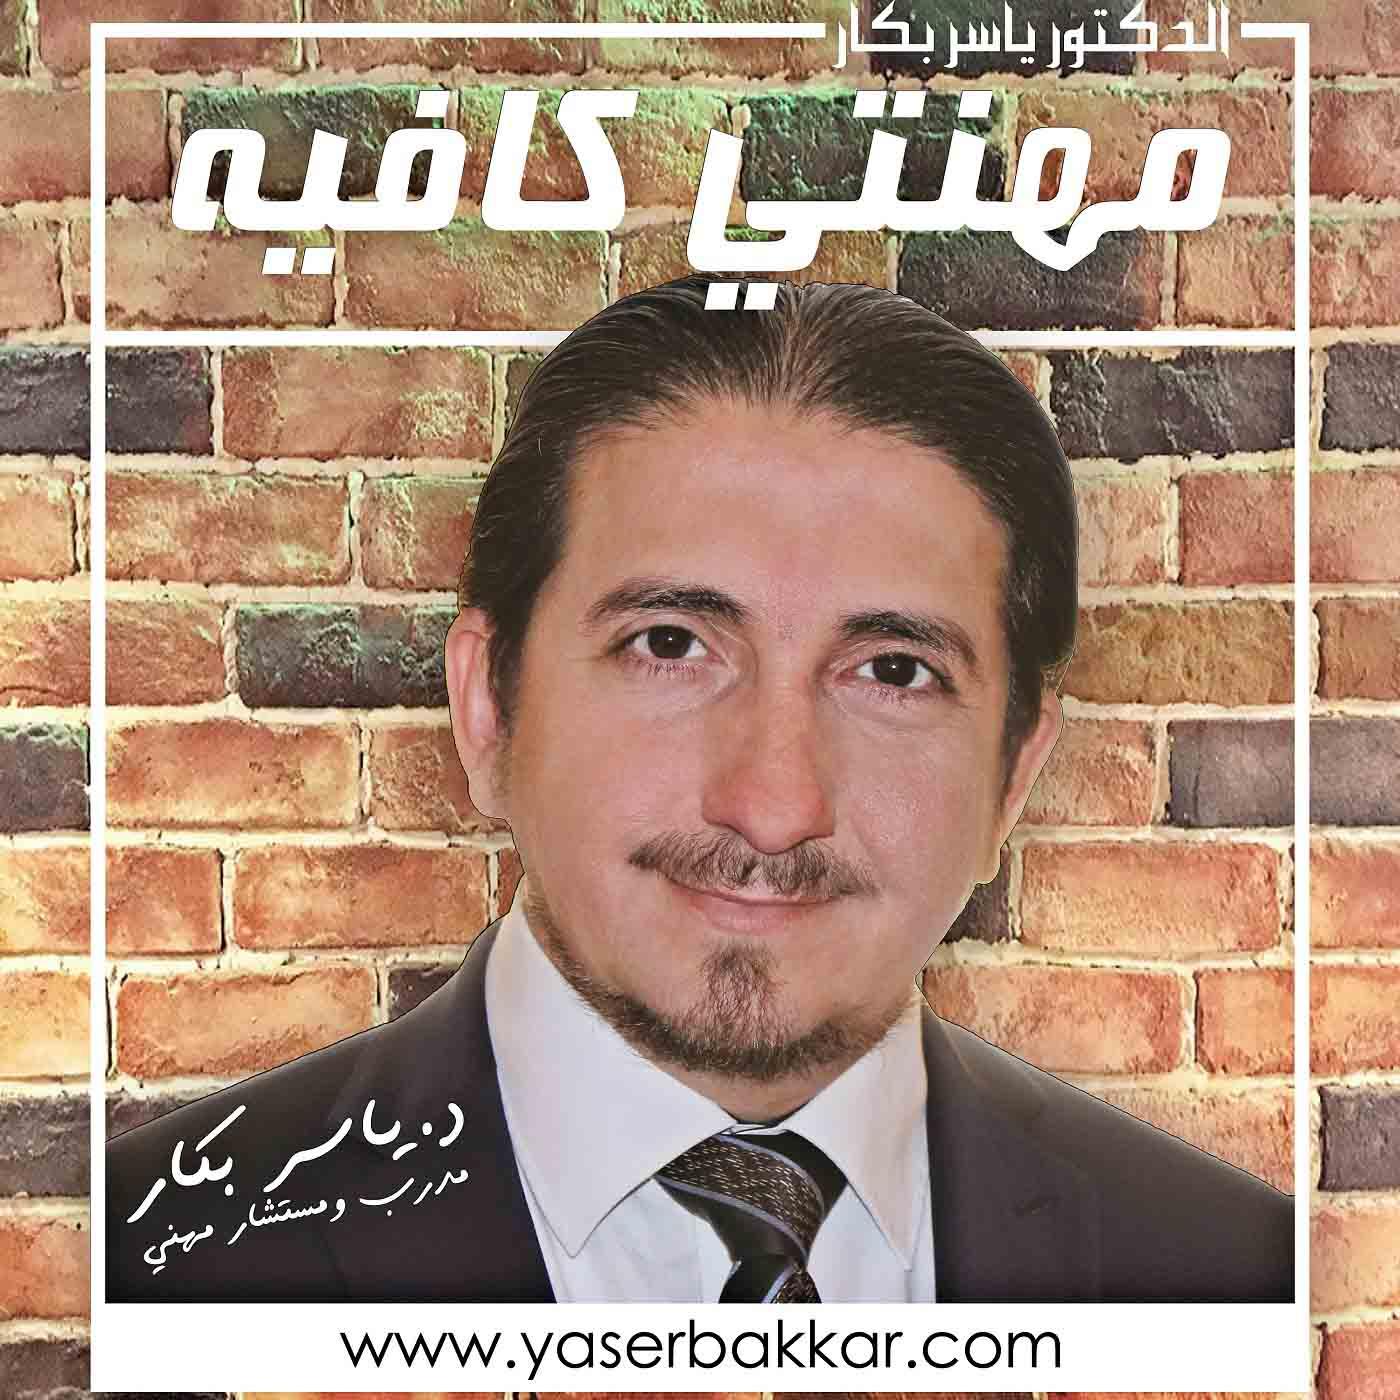 مهنتي كافيه مع الدكتور ياسر بكار